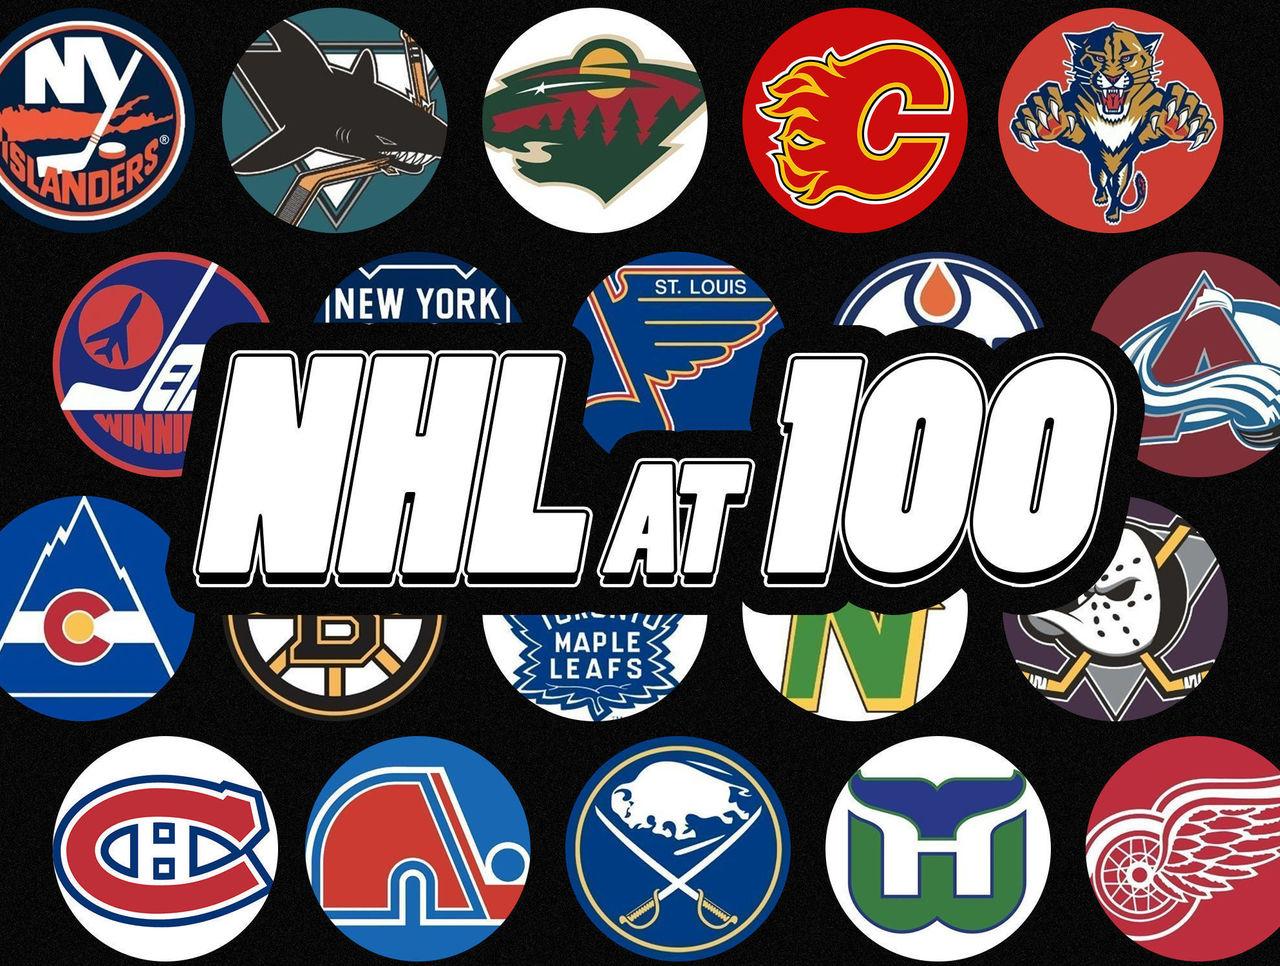 Cropped 20 1 logos